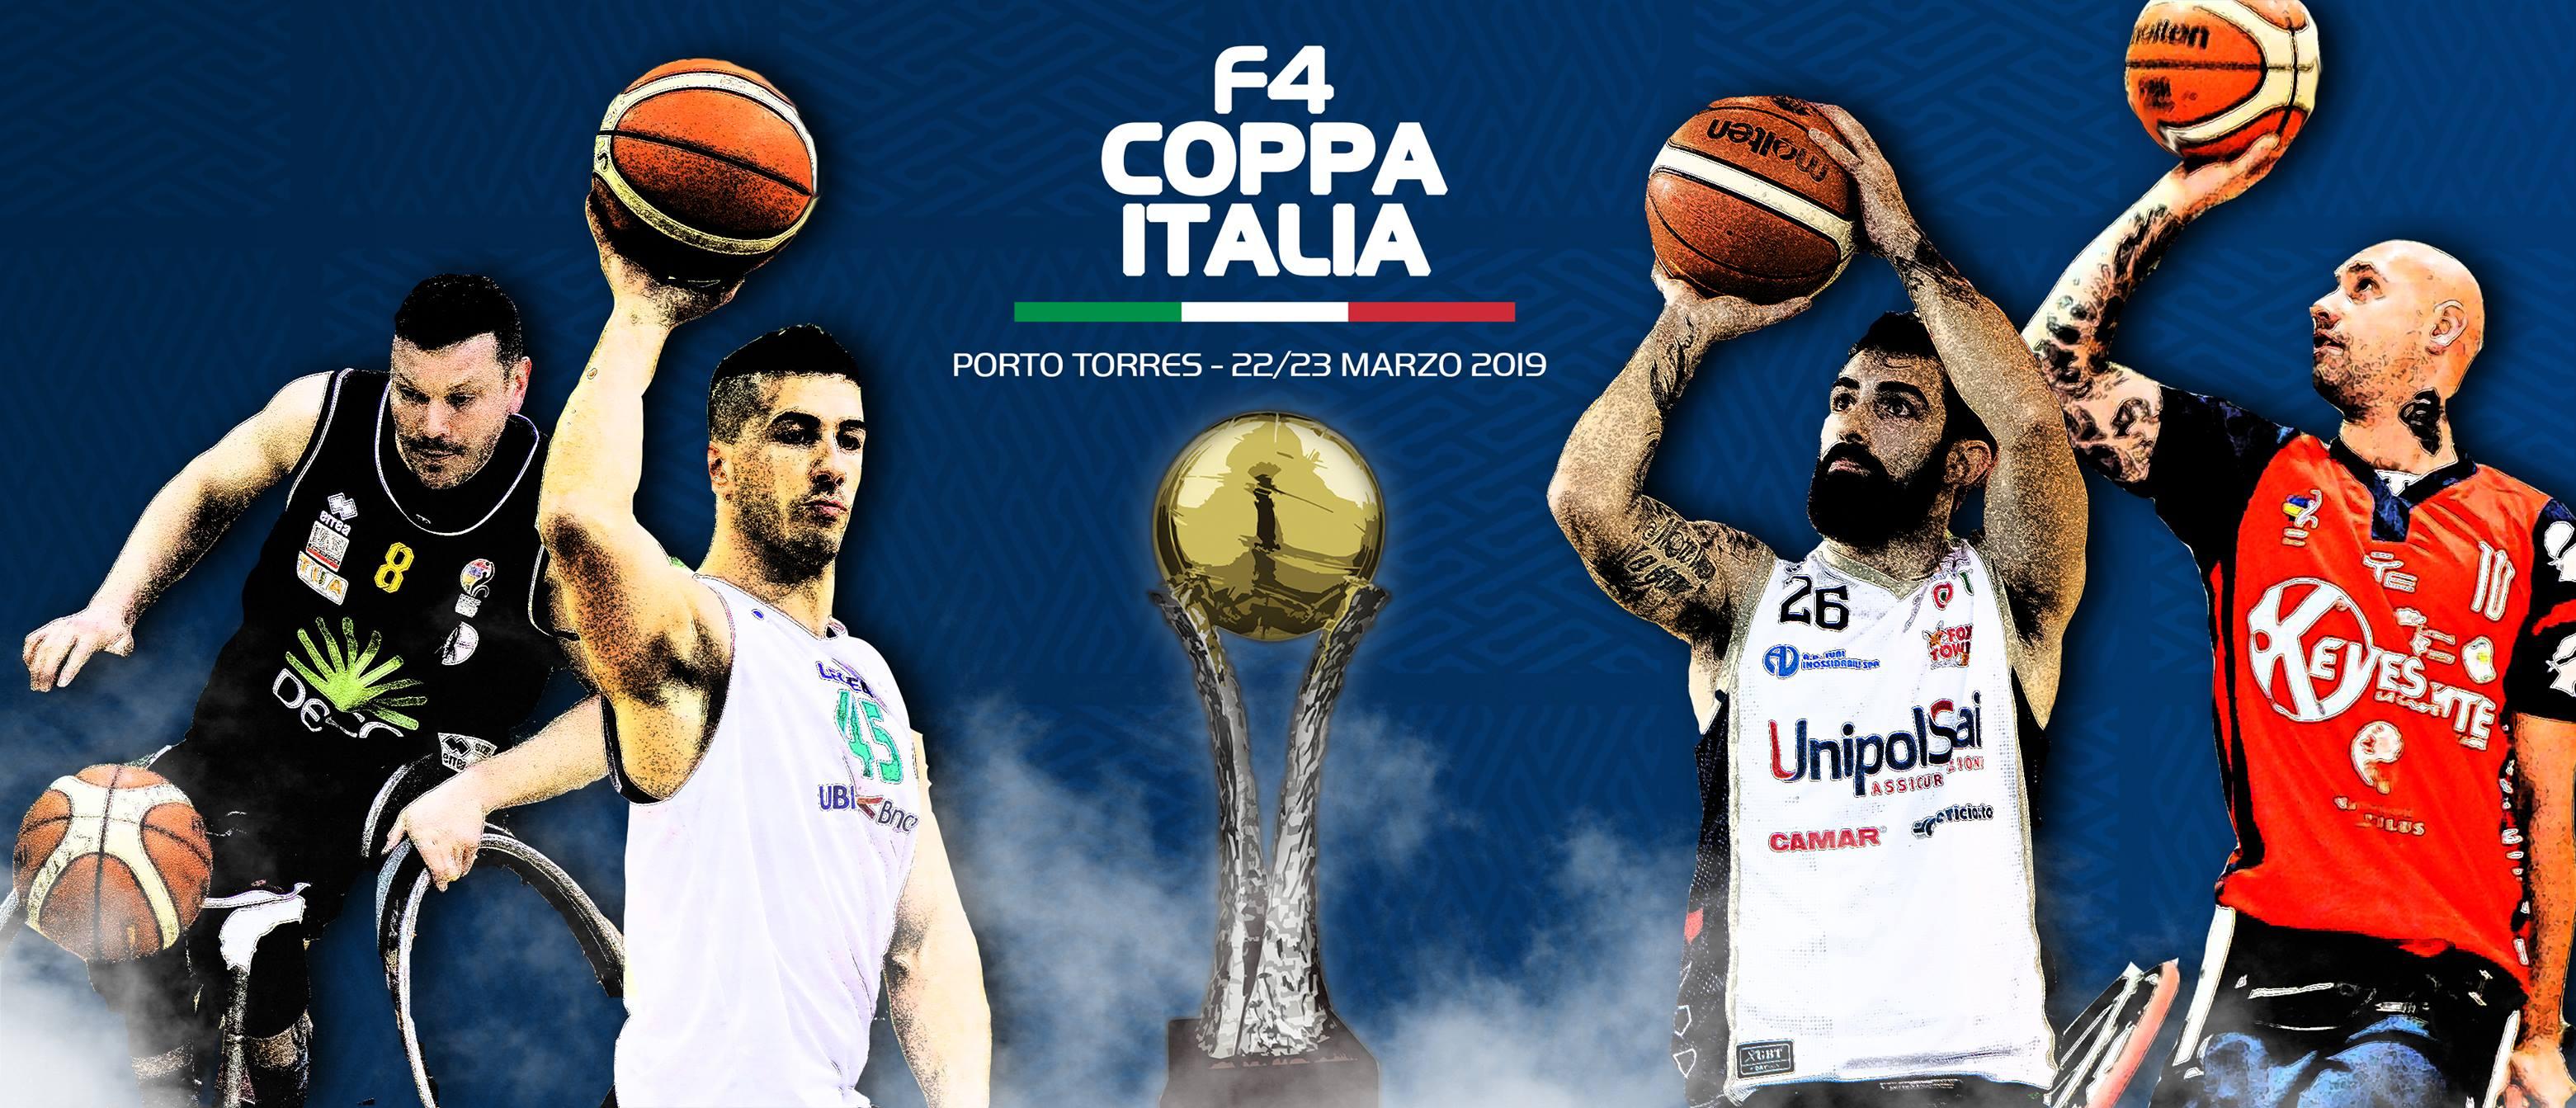 Basket in carrozzina Coppa Italia Fipic 2018-19: la Briantea84 all'assalto del Torneo in Sardegna vs le altre migliori del campionato